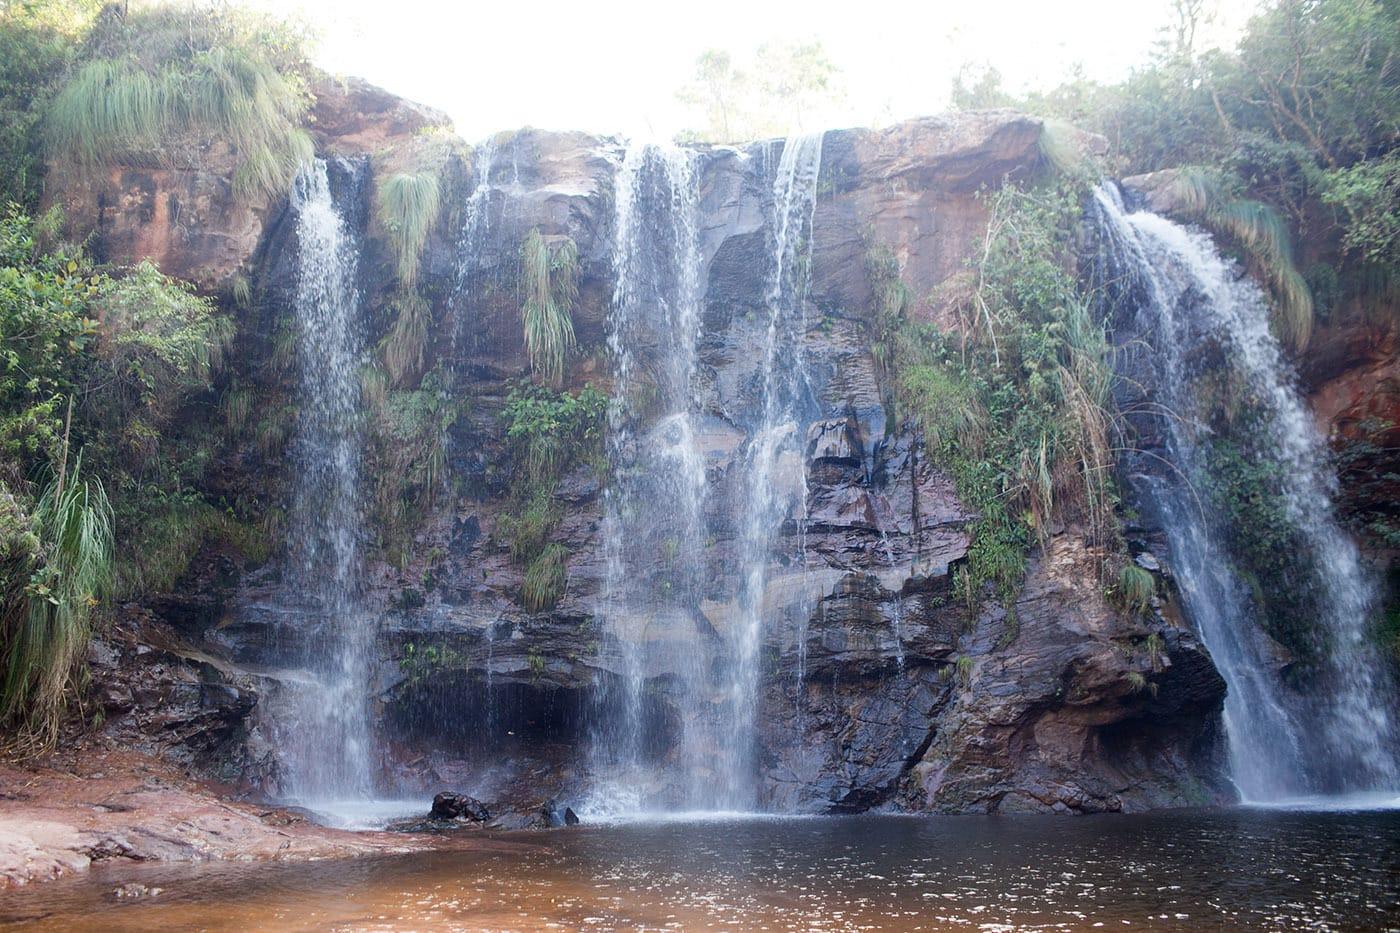 Cascadas de Cuevas waterfalls in Samaipata, Bolivia